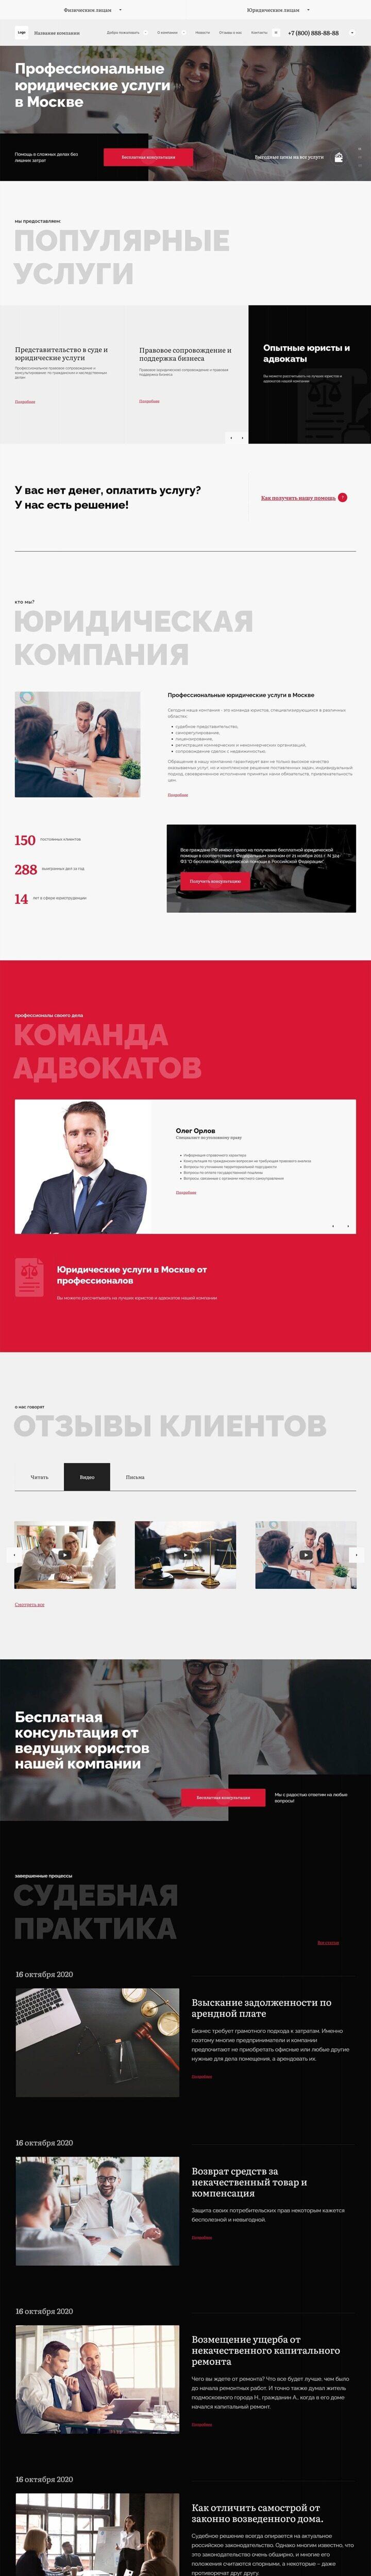 Готовый Сайт-Бизнес #2832972 - Юридические и адвокатские услуги (Главная версия 1)